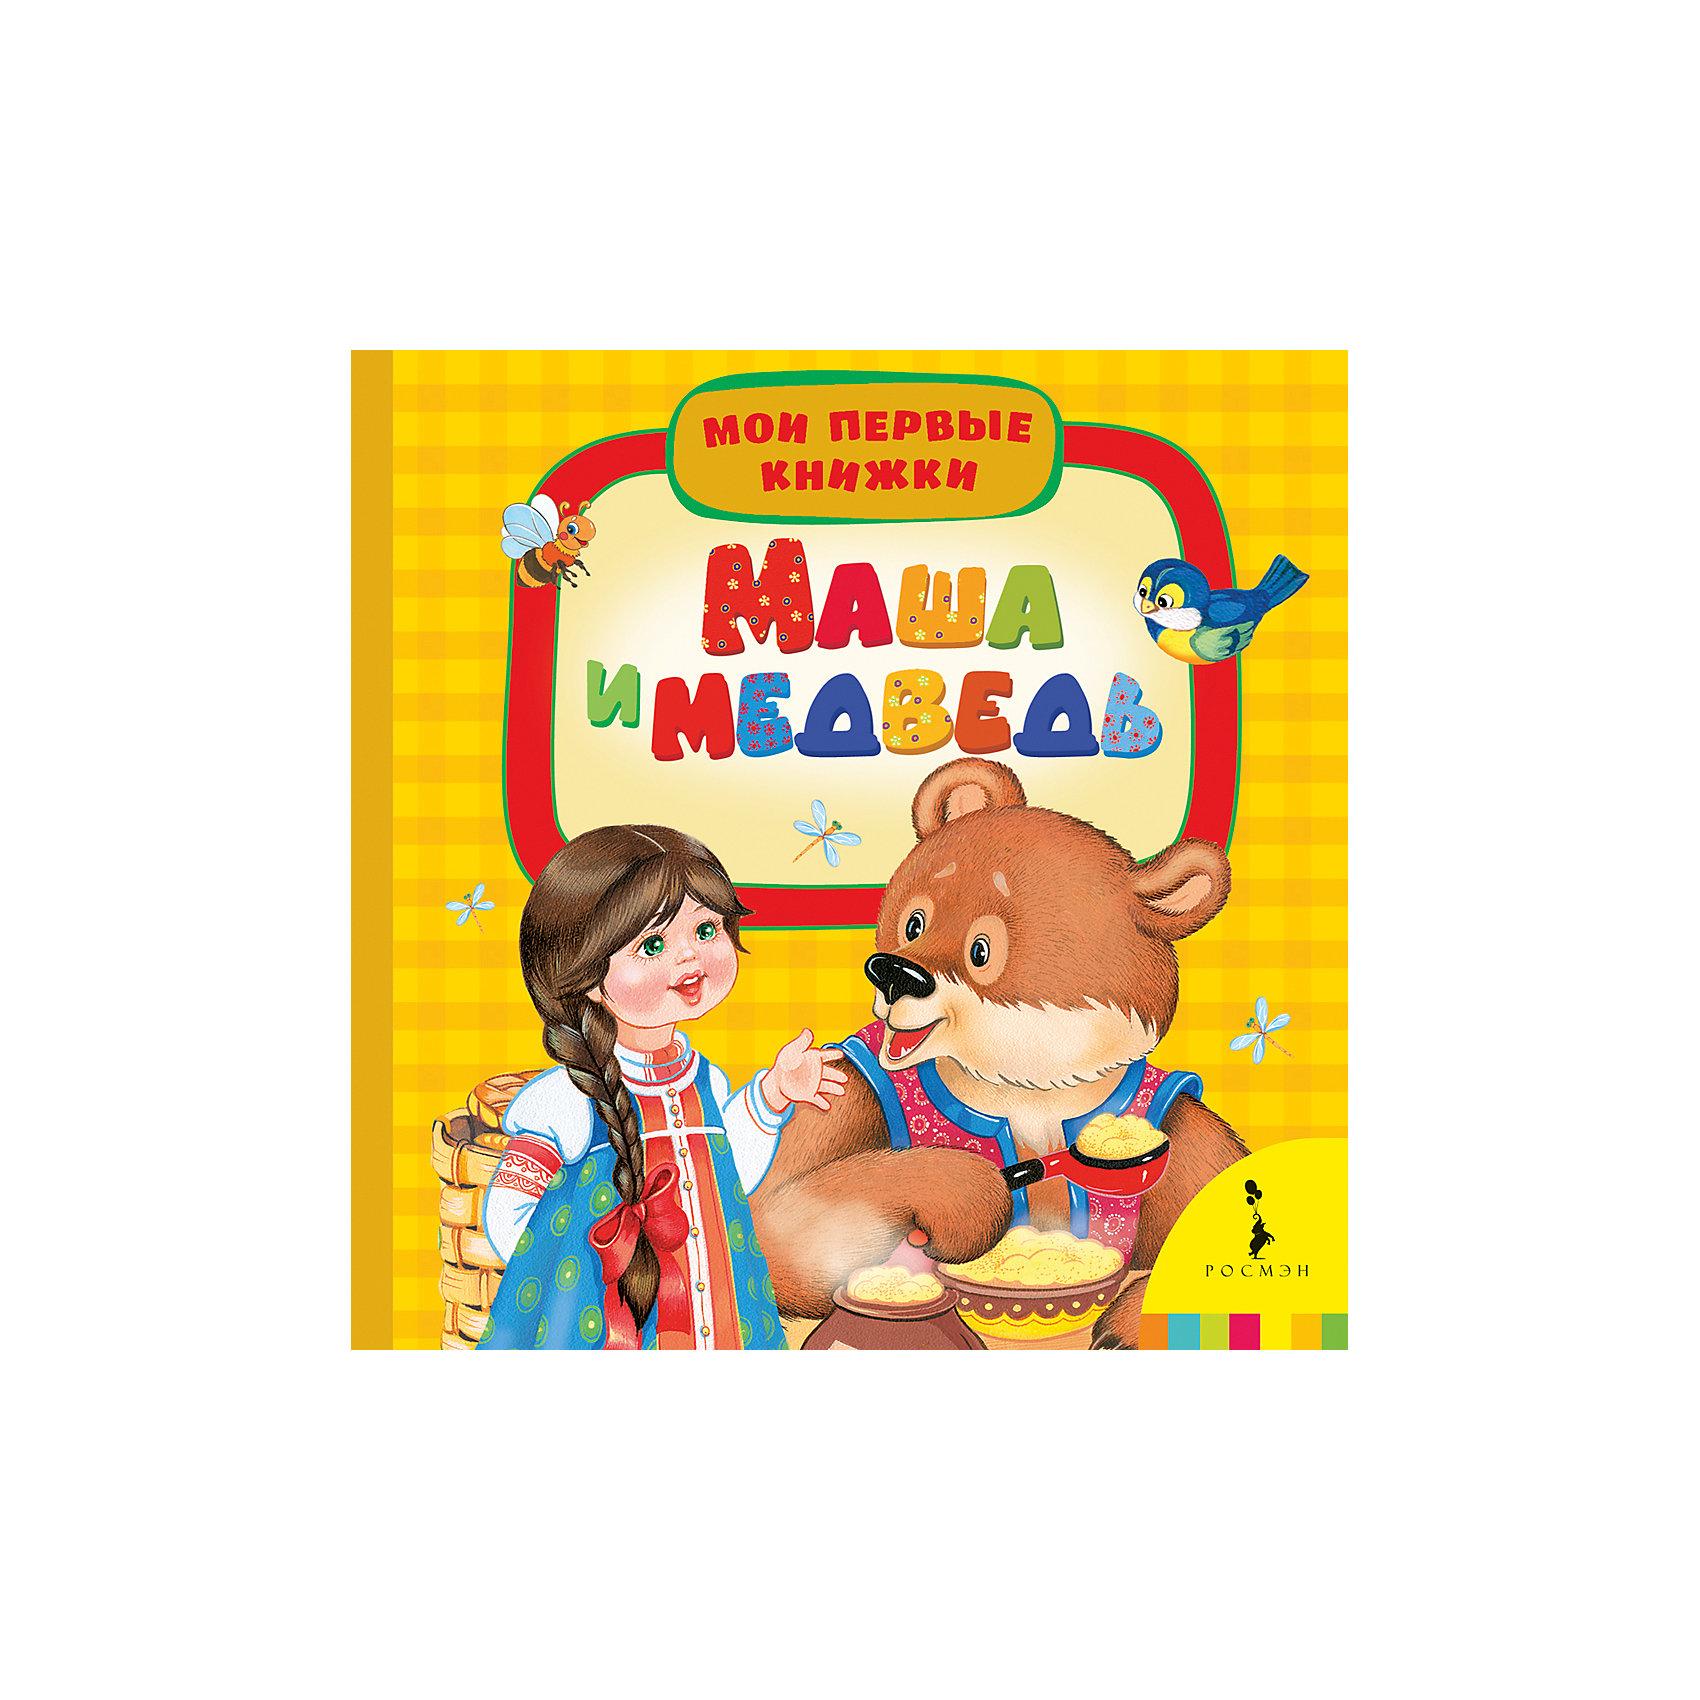 Маша и медведь (Мои первые книжкиПервые книги малыша<br>Характеристики товара:<br><br>- цвет: разноцветный;<br>- материал: бумага;<br>- страниц: 14;<br>- формат: 17 х 17 см;<br>- обложка: картон;<br>- для чтения детям. <br><br>Издания серии Мои первые книжки - отличный способ занять ребенка! Эта красочная книга станет отличным подарком для родителей и малыша. Она содержит в себе сказки, стихи, загадки, песенки и потешки, которые так любят дети. Отличный способ привить малышу любовь к чтению!<br>Чтение и рассматривание картинок даже в юном возрасте помогает ребенку развивать память, концентрацию внимания и воображение. Издание произведено из качественных материалов, которые безопасны даже для самых маленьких.<br><br>Издание Маша и медведь (Мои первые книжки) от компании Росмэн можно купить в нашем интернет-магазине.<br><br>Ширина мм: 165<br>Глубина мм: 165<br>Высота мм: 18<br>Вес г: 305<br>Возраст от месяцев: 0<br>Возраст до месяцев: 36<br>Пол: Унисекс<br>Возраст: Детский<br>SKU: 5110081